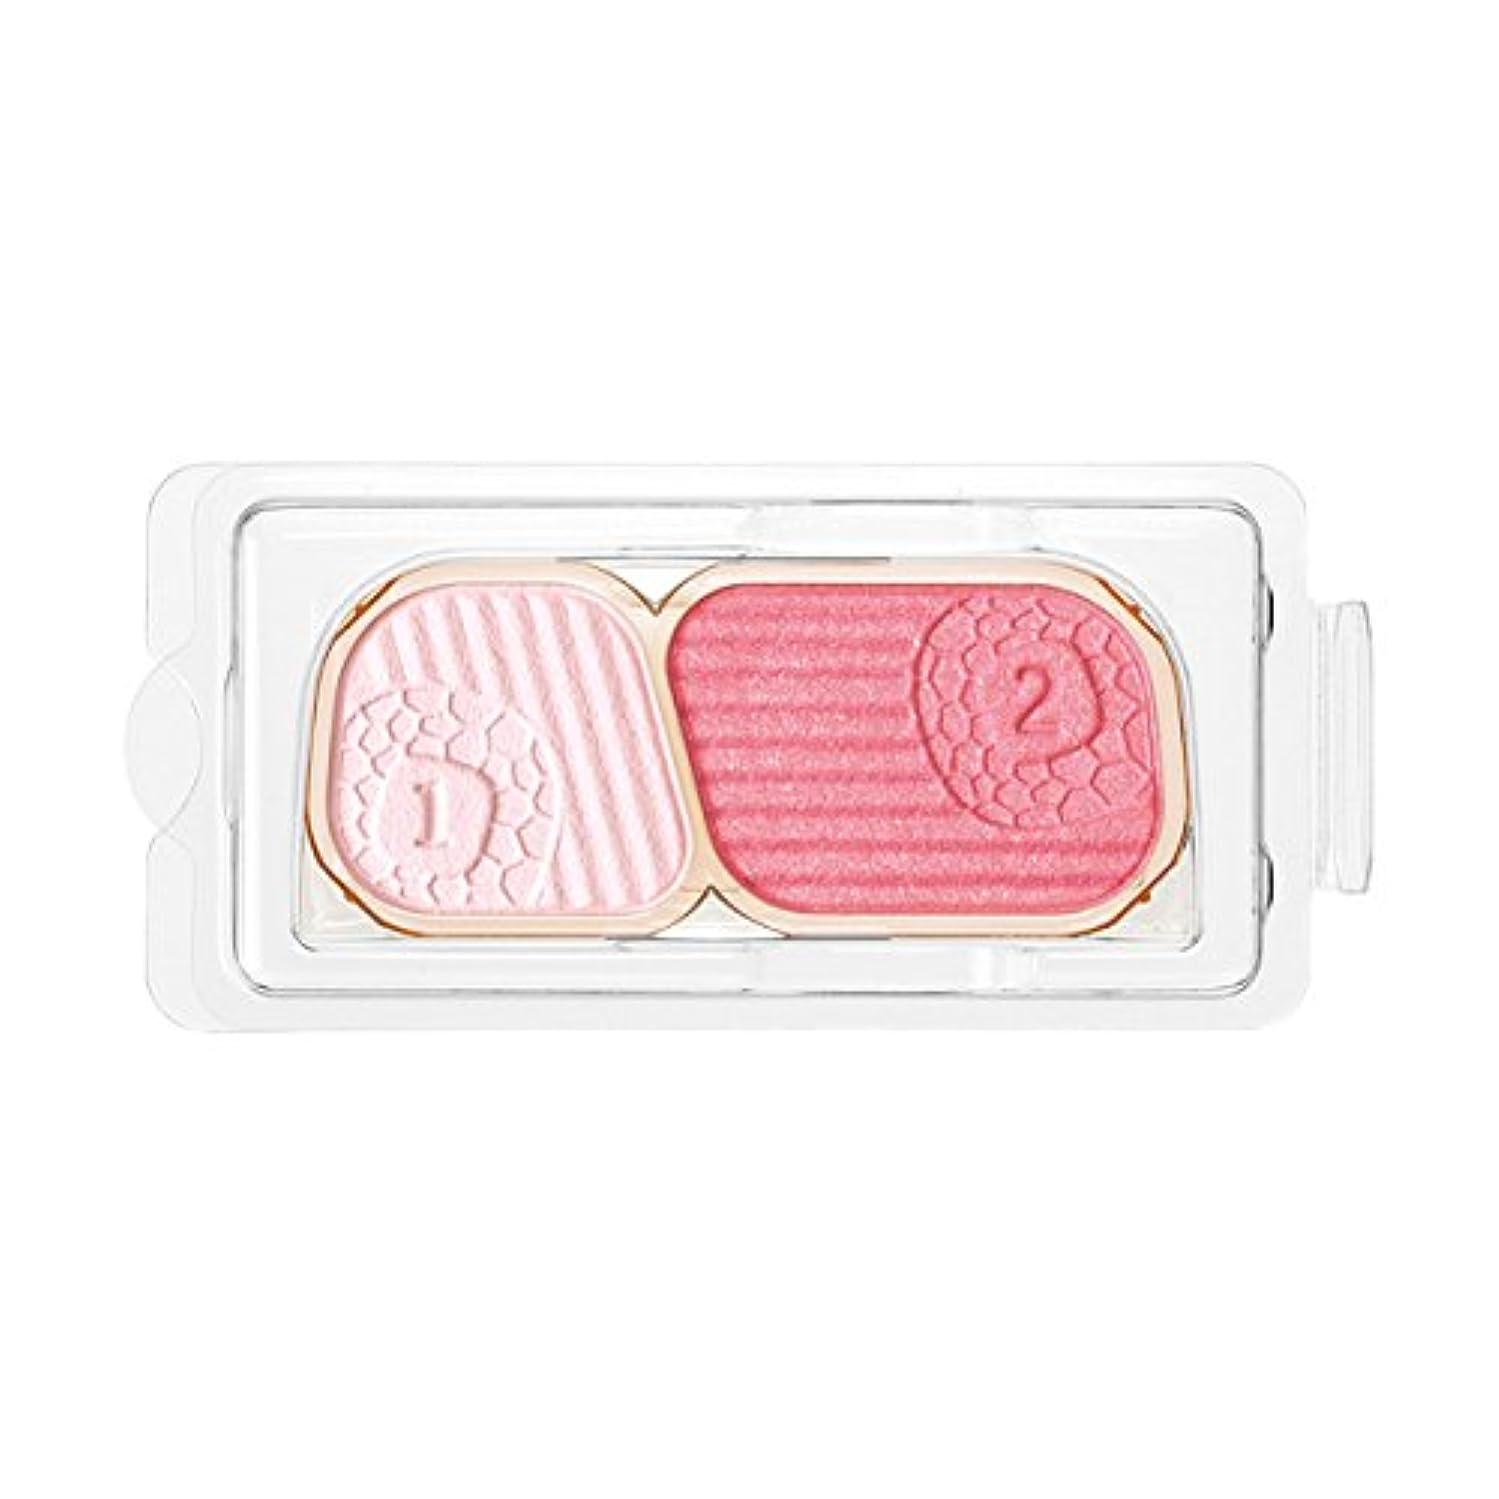 大工病な羊のプリオール 美リフトチーク (レフィル) ピンク 3.5g